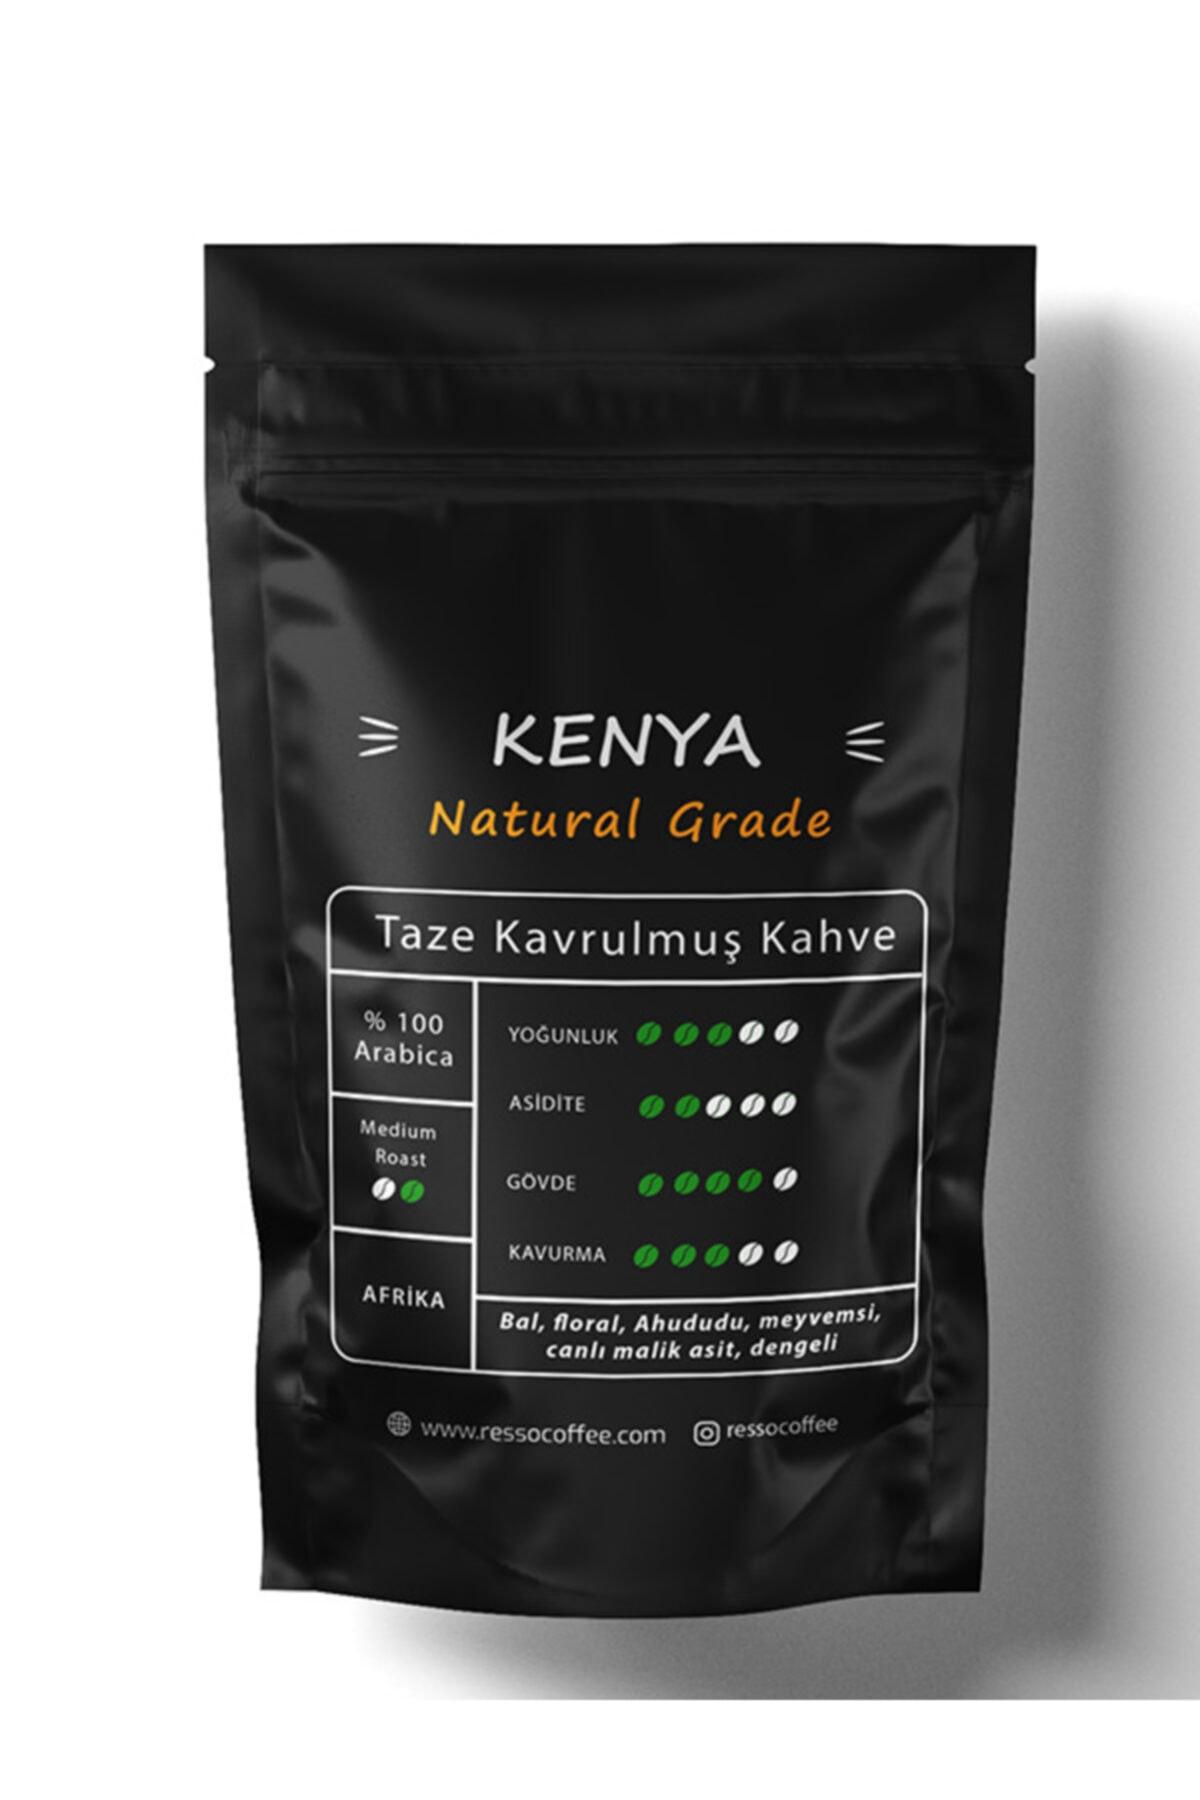 RESSO COFFEE Kenya /nat.grade (moka Pot) 250 Gr. Öğütülmüş Kahve 2